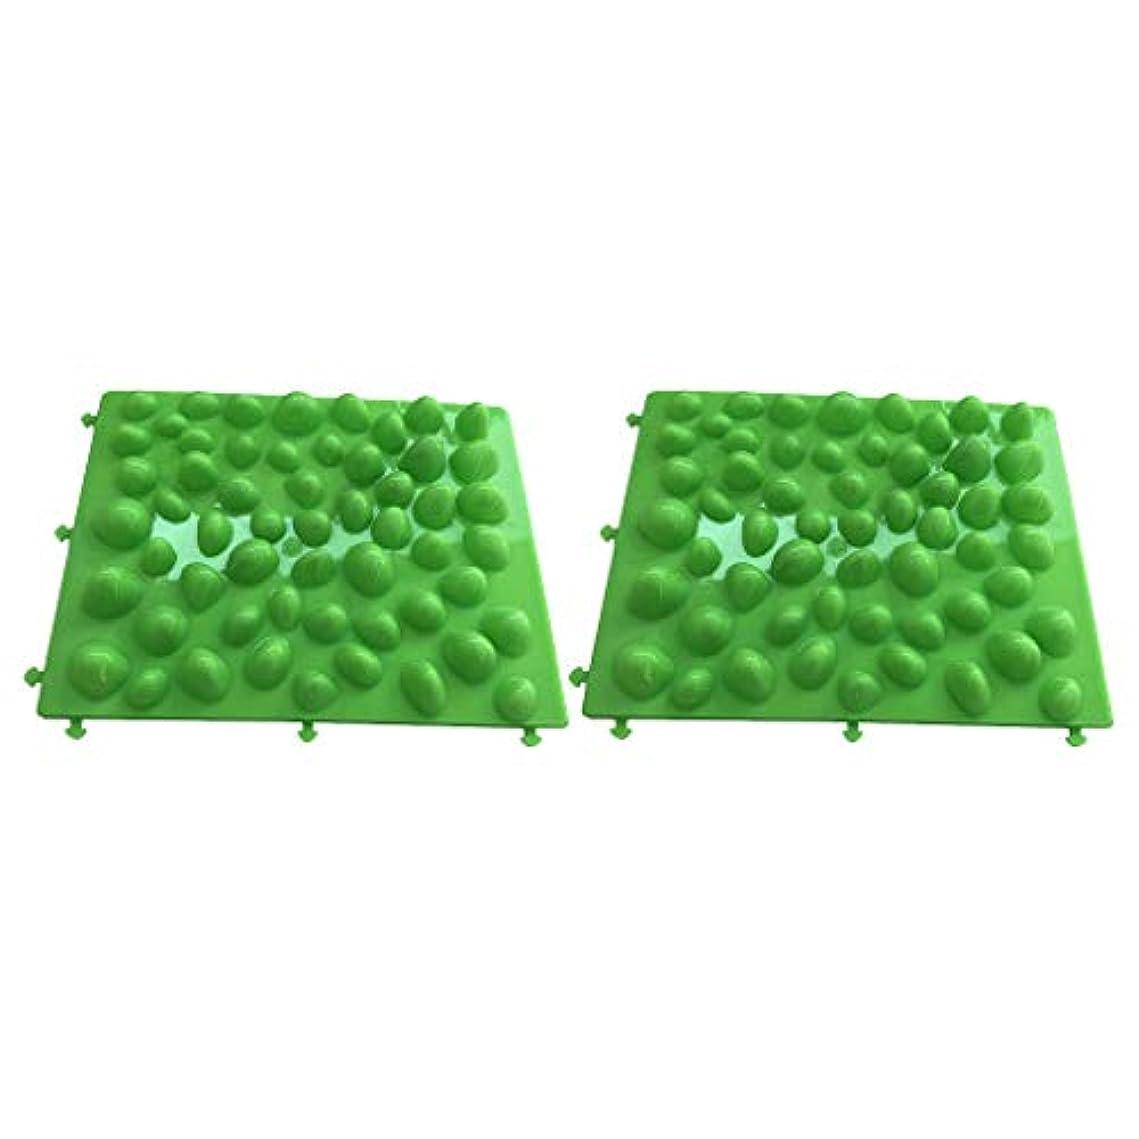 有力者矩形注意フットマッサージ 足のマッサージパッド フットマット プラスチック製石 血行促進 フットケア 2個入